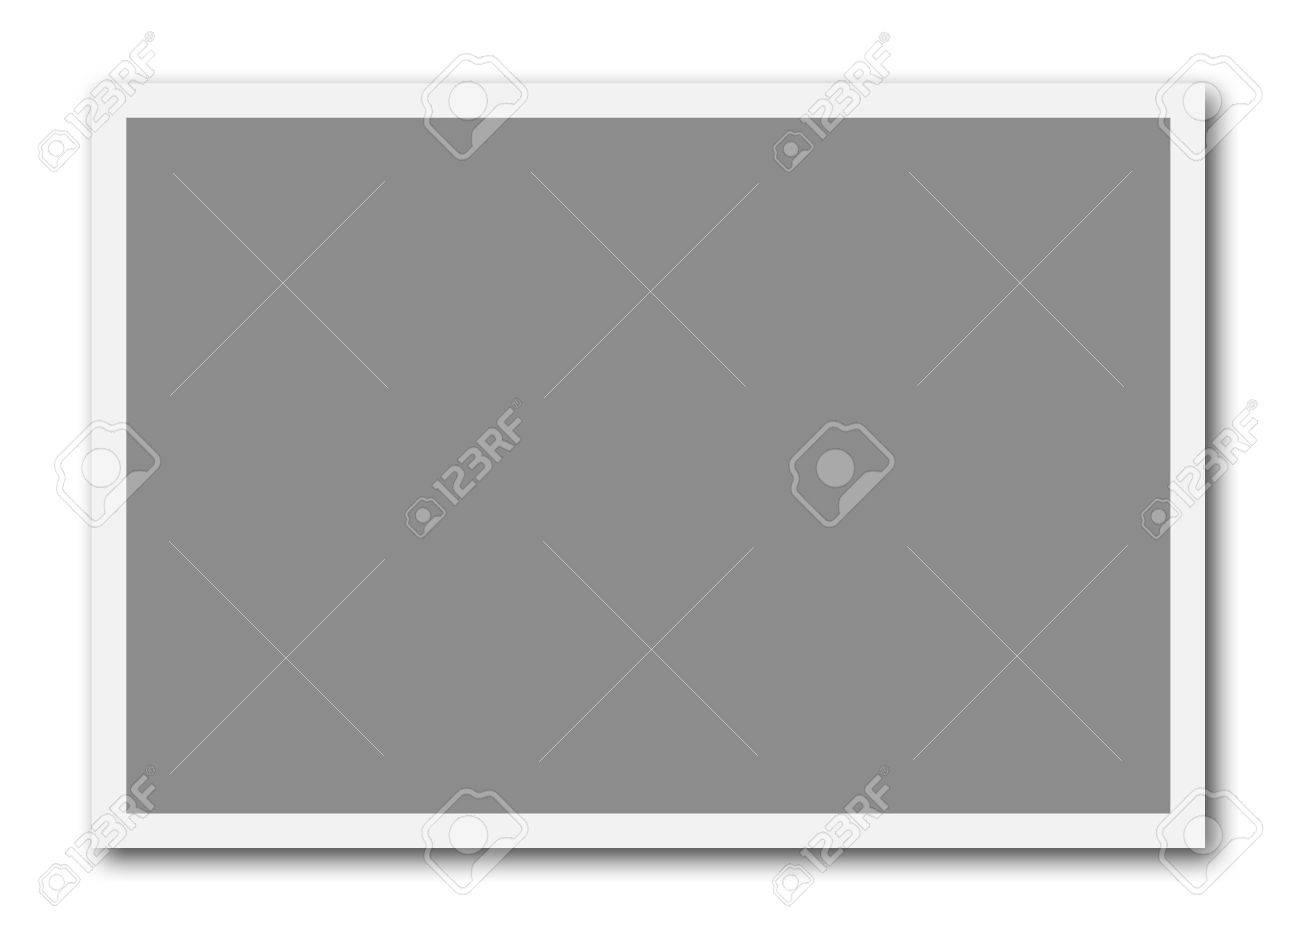 Un Cuadro Vacío Listo Para Insertar Una Foto O Para Crear Un Collage ...